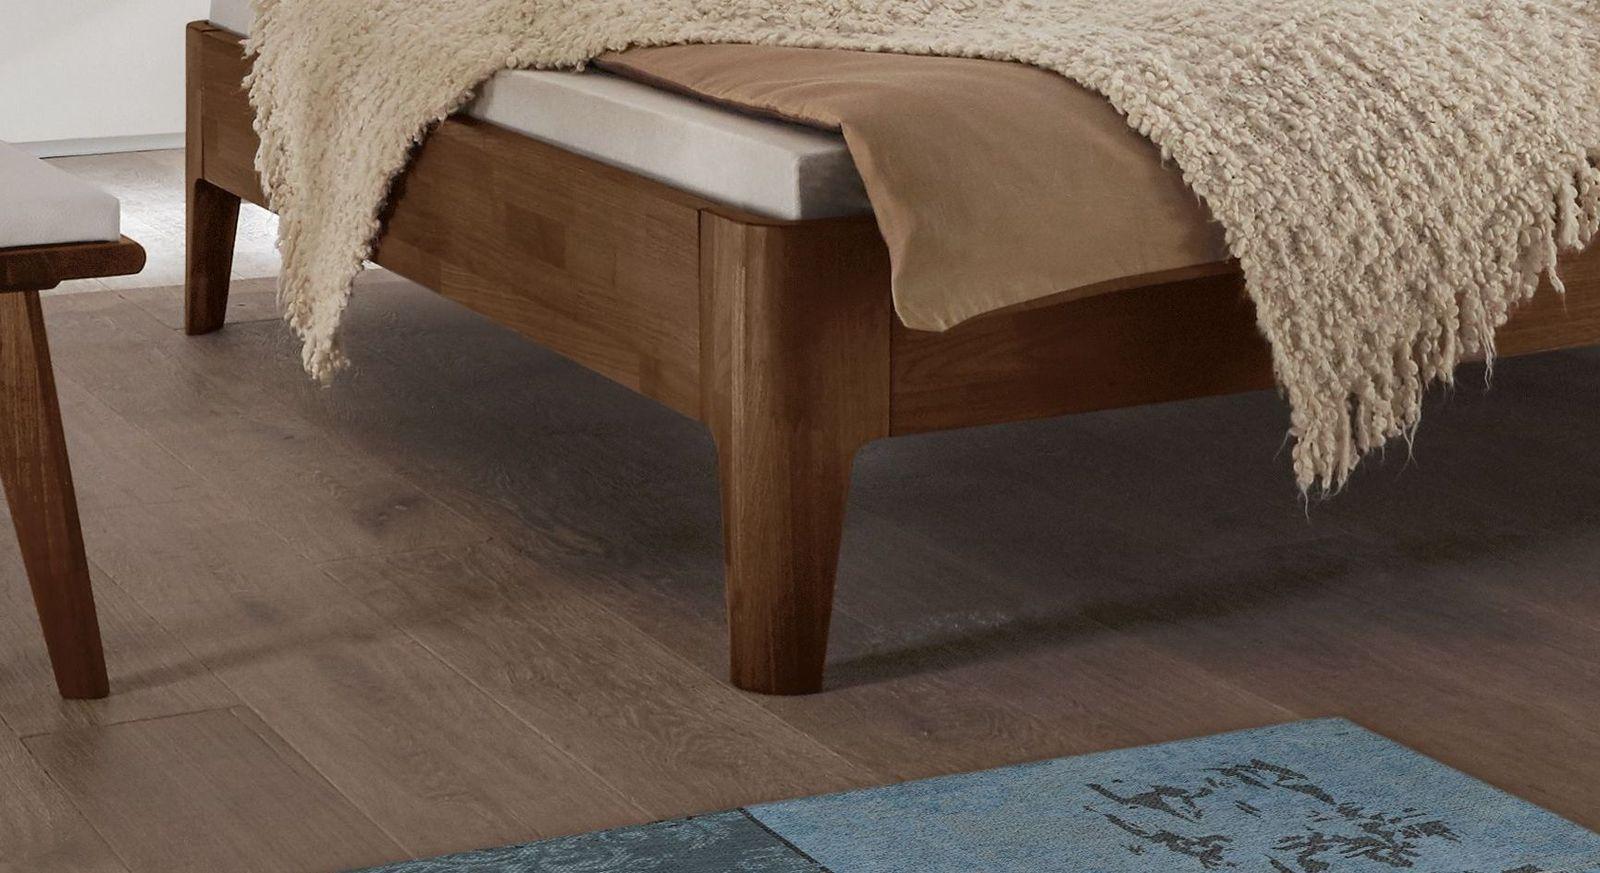 Bett Gori mit abgerundeten Massivholz-Bettbeinen